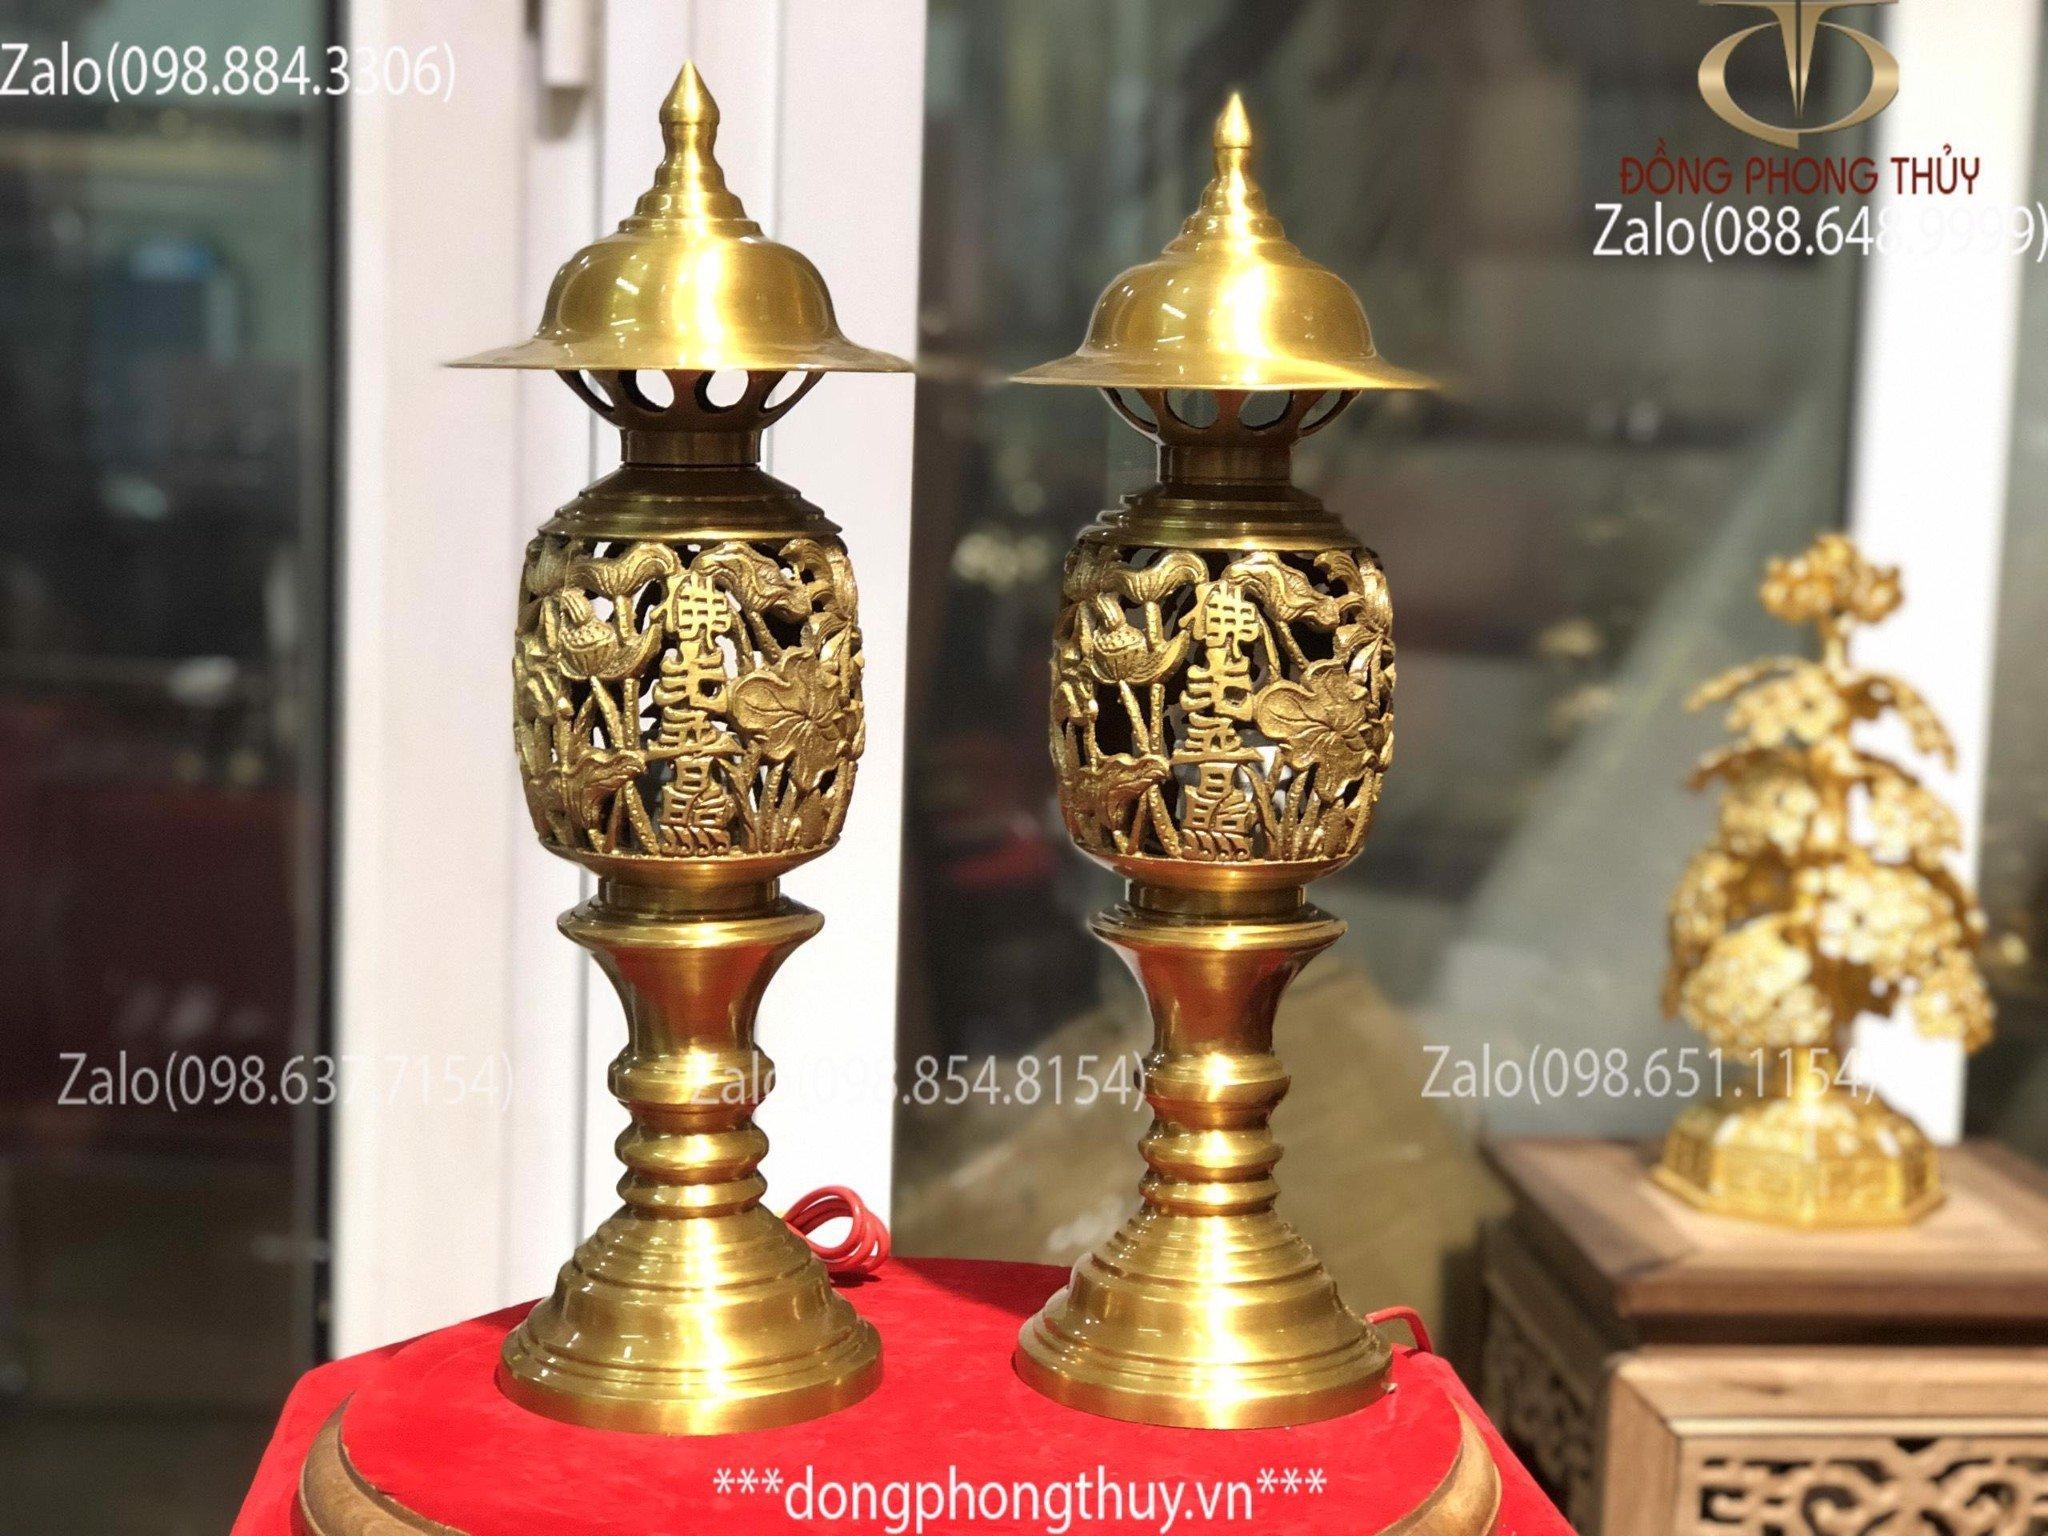 Đôi đèn thờ bằng đồng cao 43cm vàng đậm